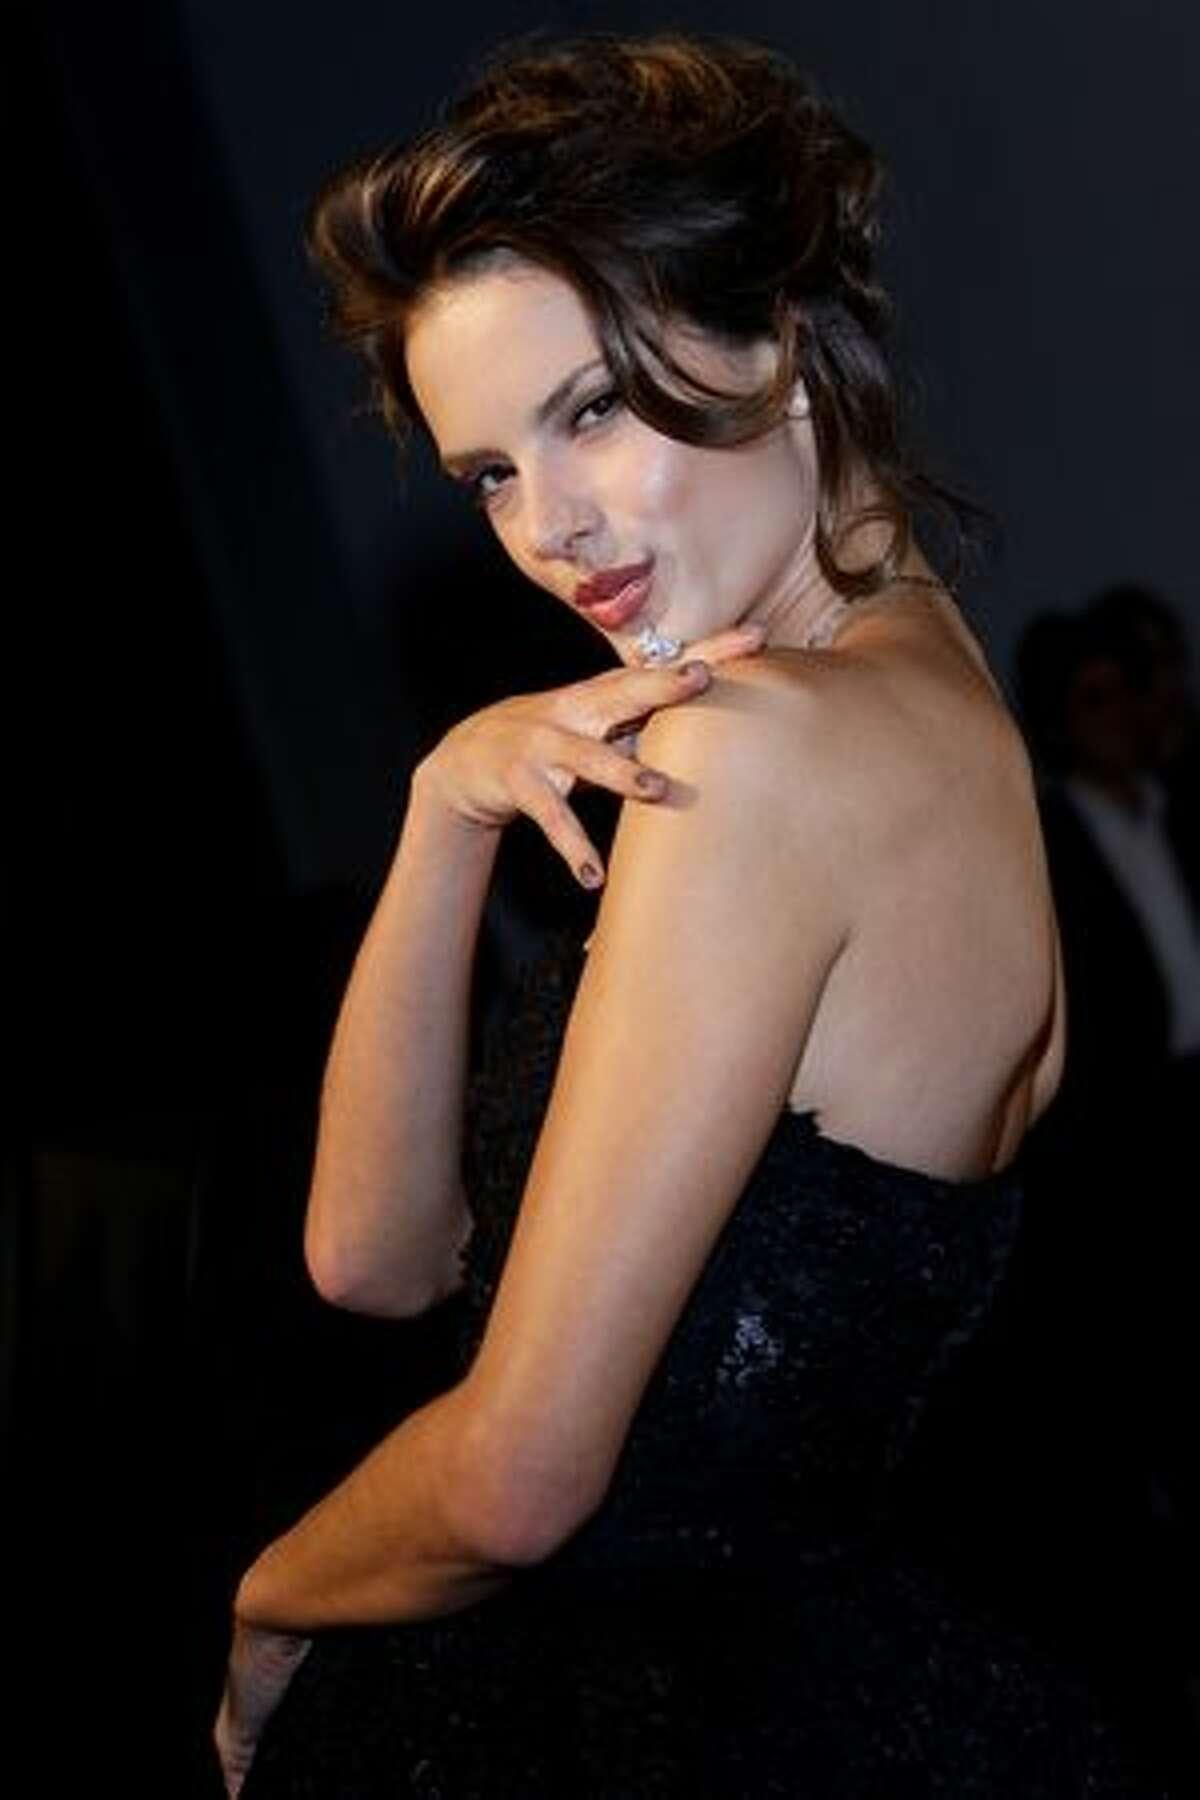 Camila Raznovich attends amfAR Milano 2010 Red Carpet during Milan Fashion Week Womenswear Spring/Summer 2011 in Milan, Italy.